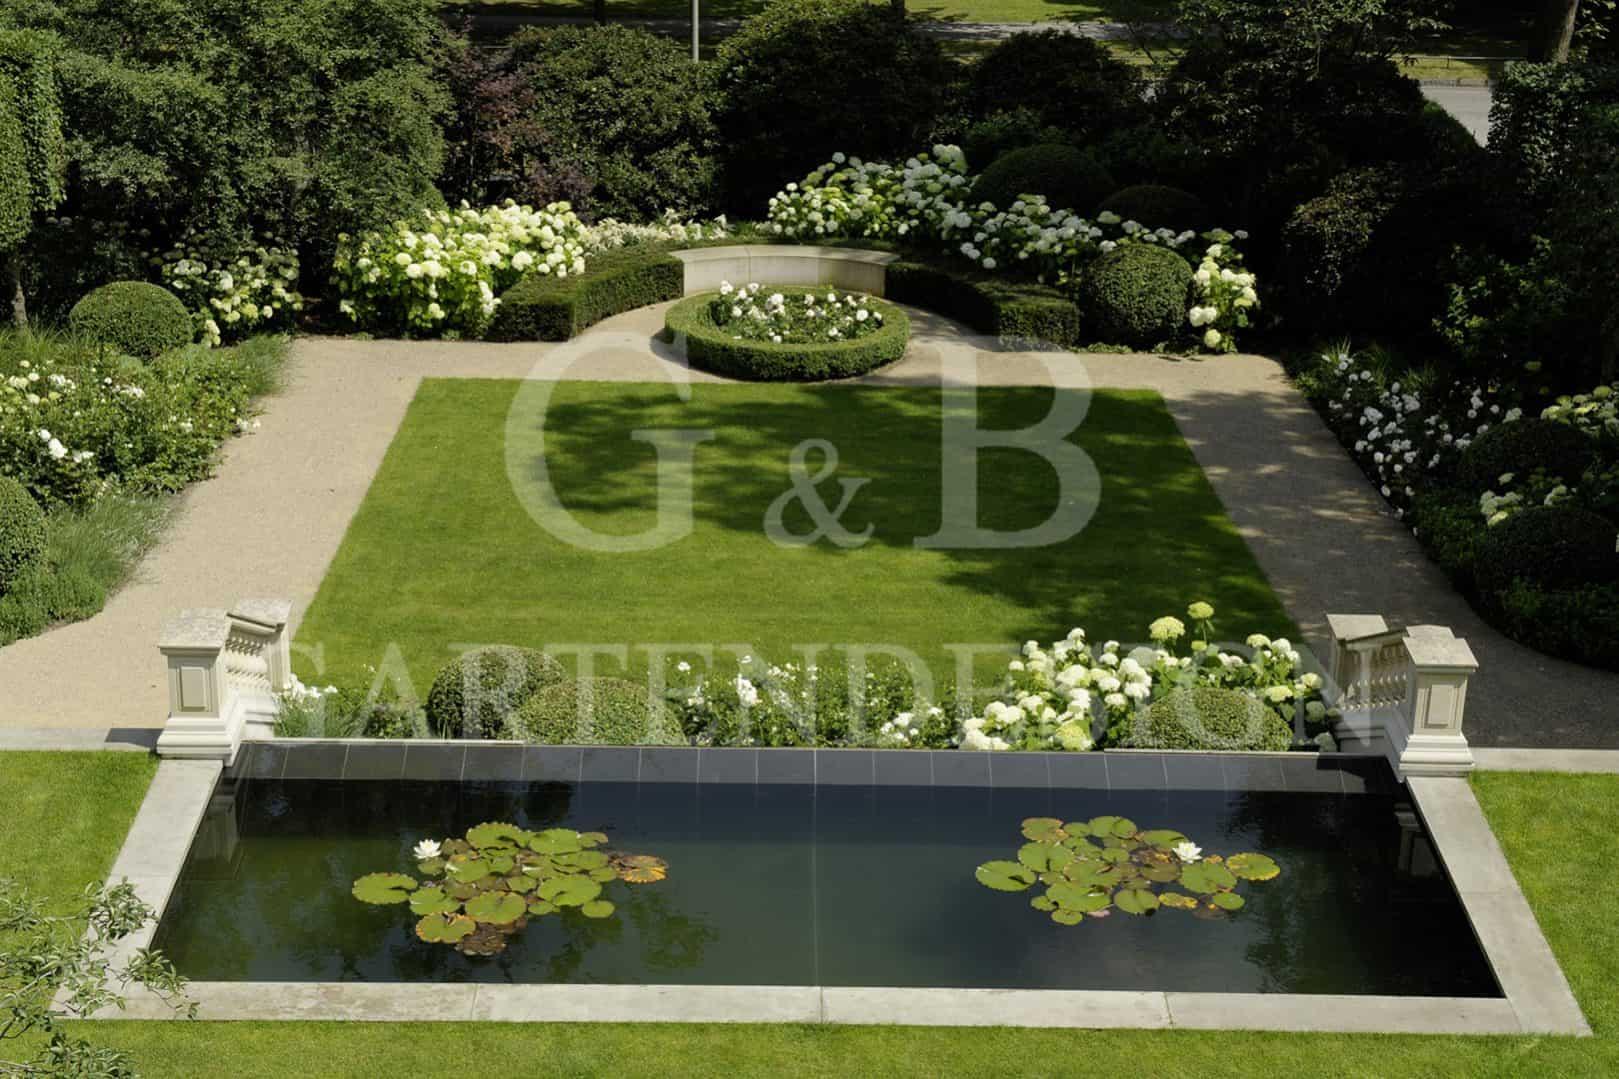 Gartenbau Hannover gärten gartenarchitektur gempp gartendesign